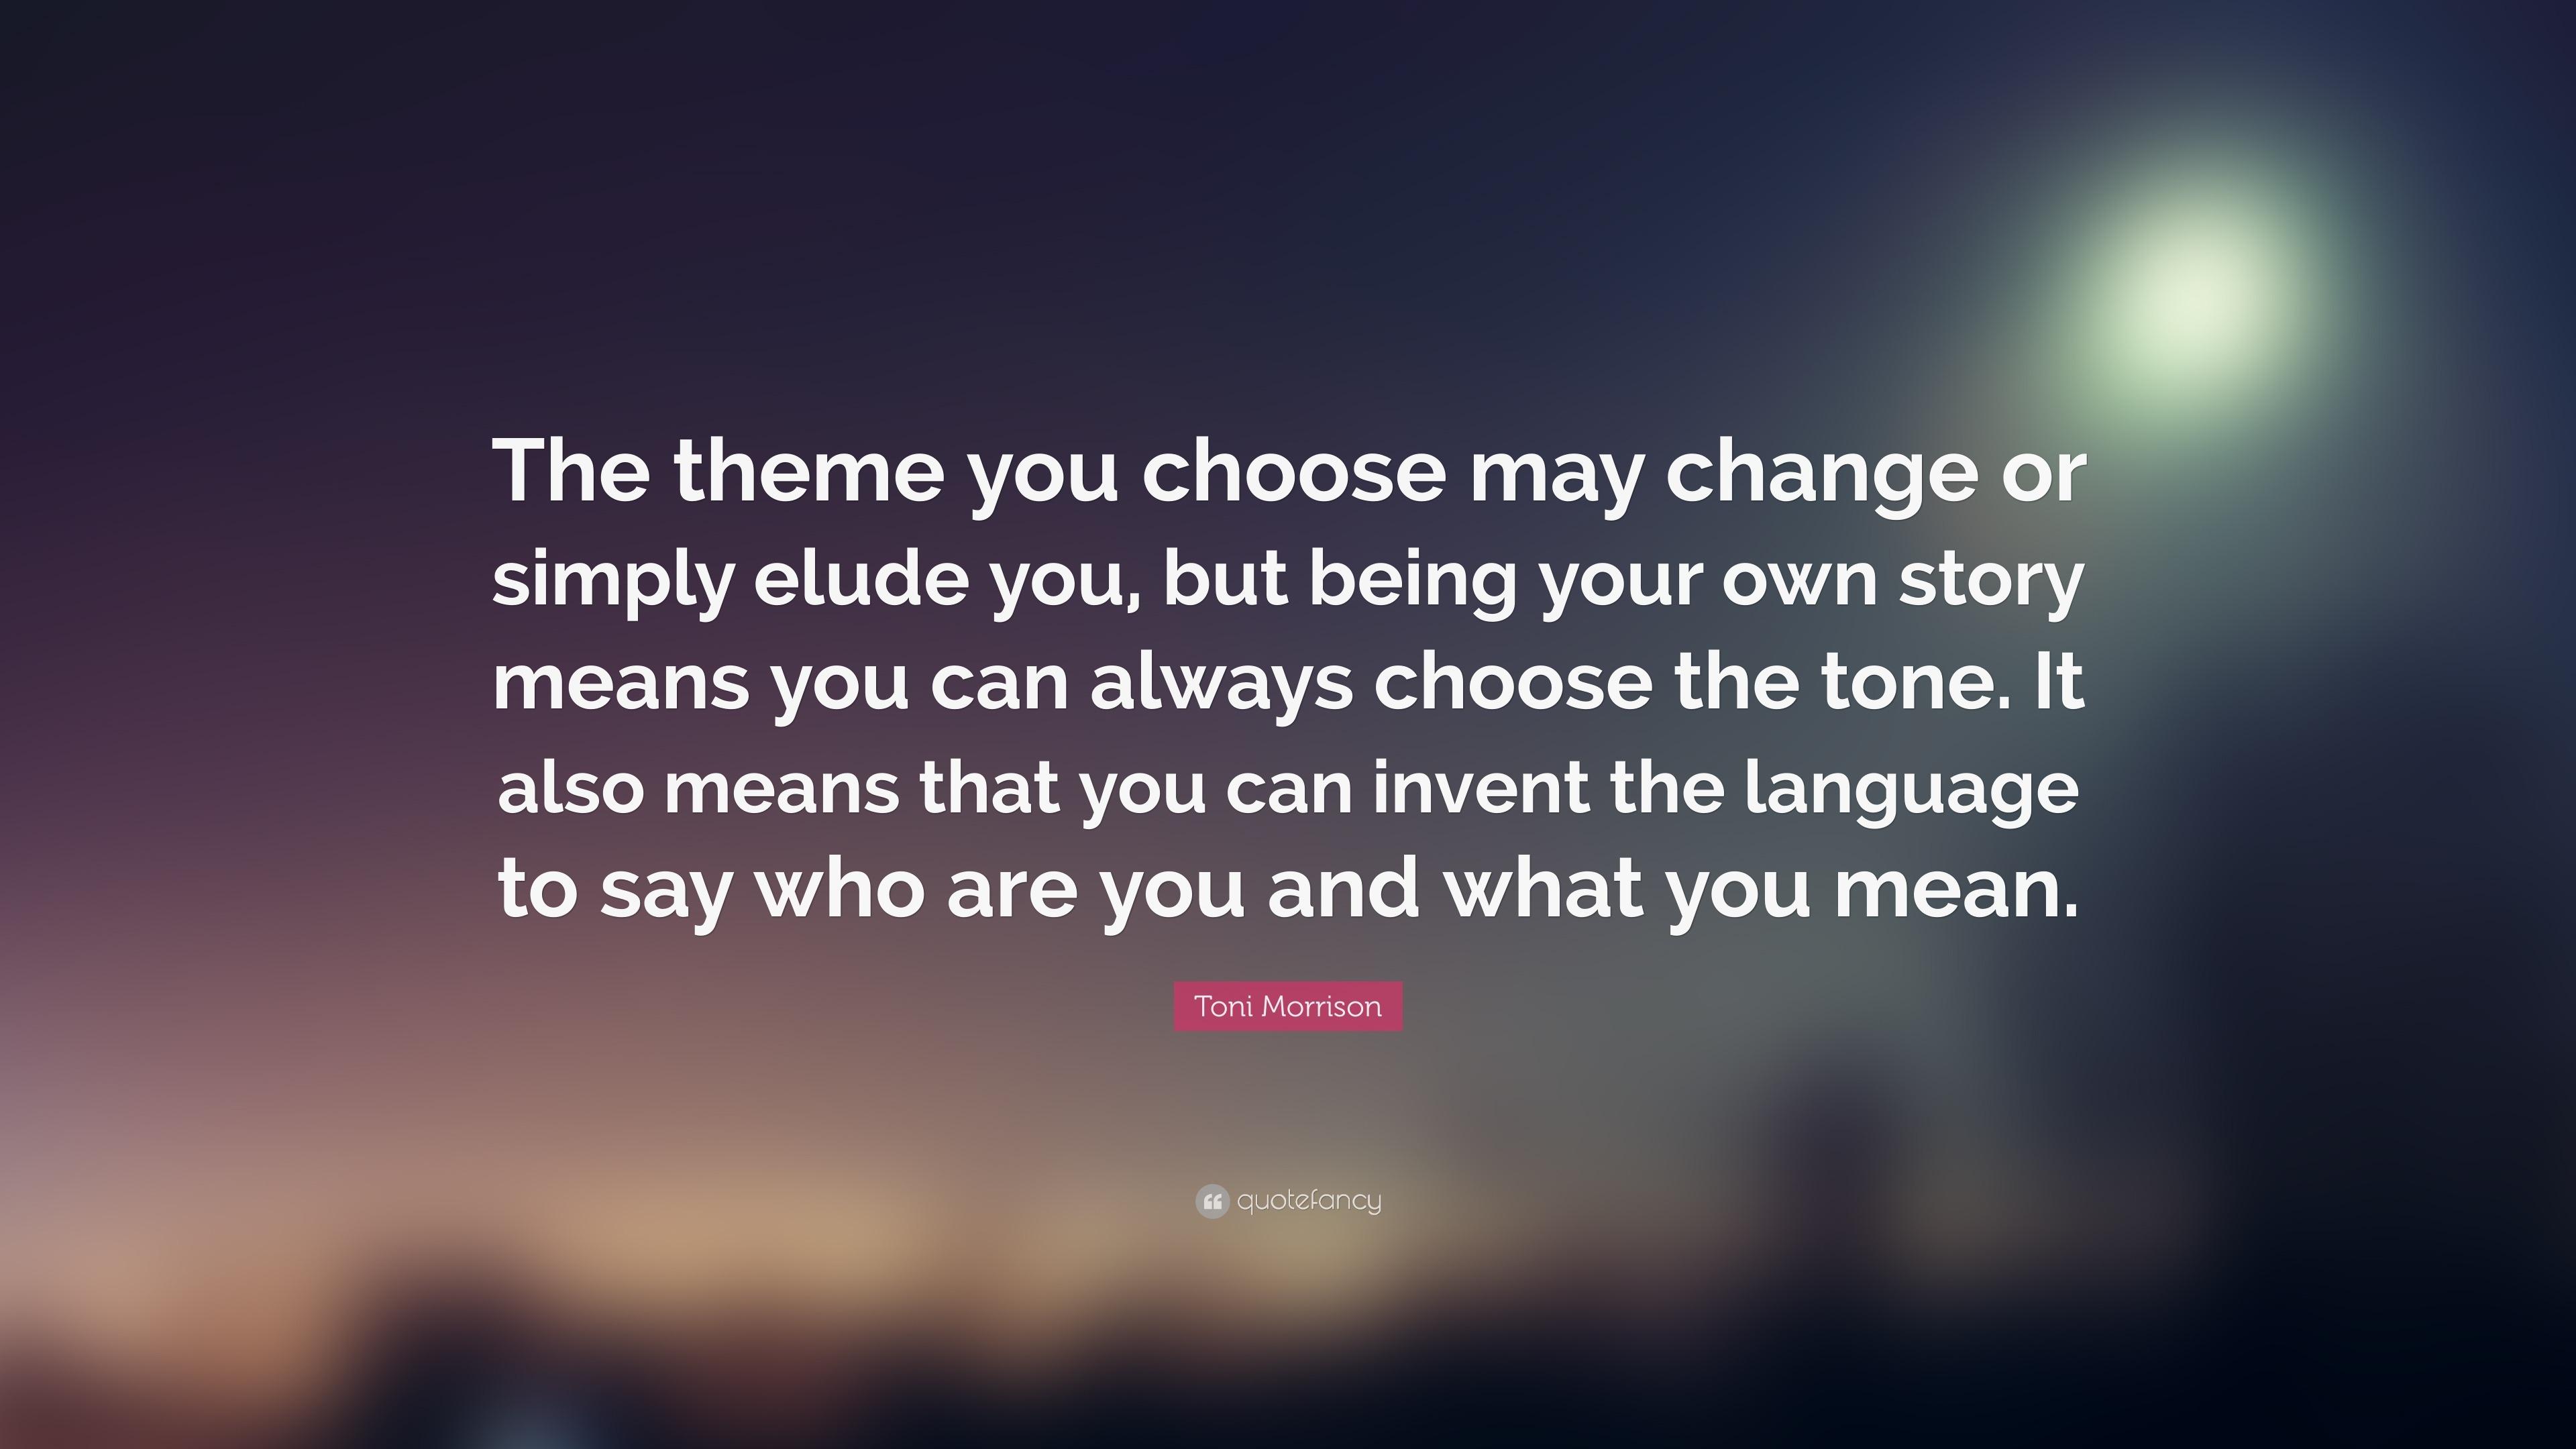 quote theme